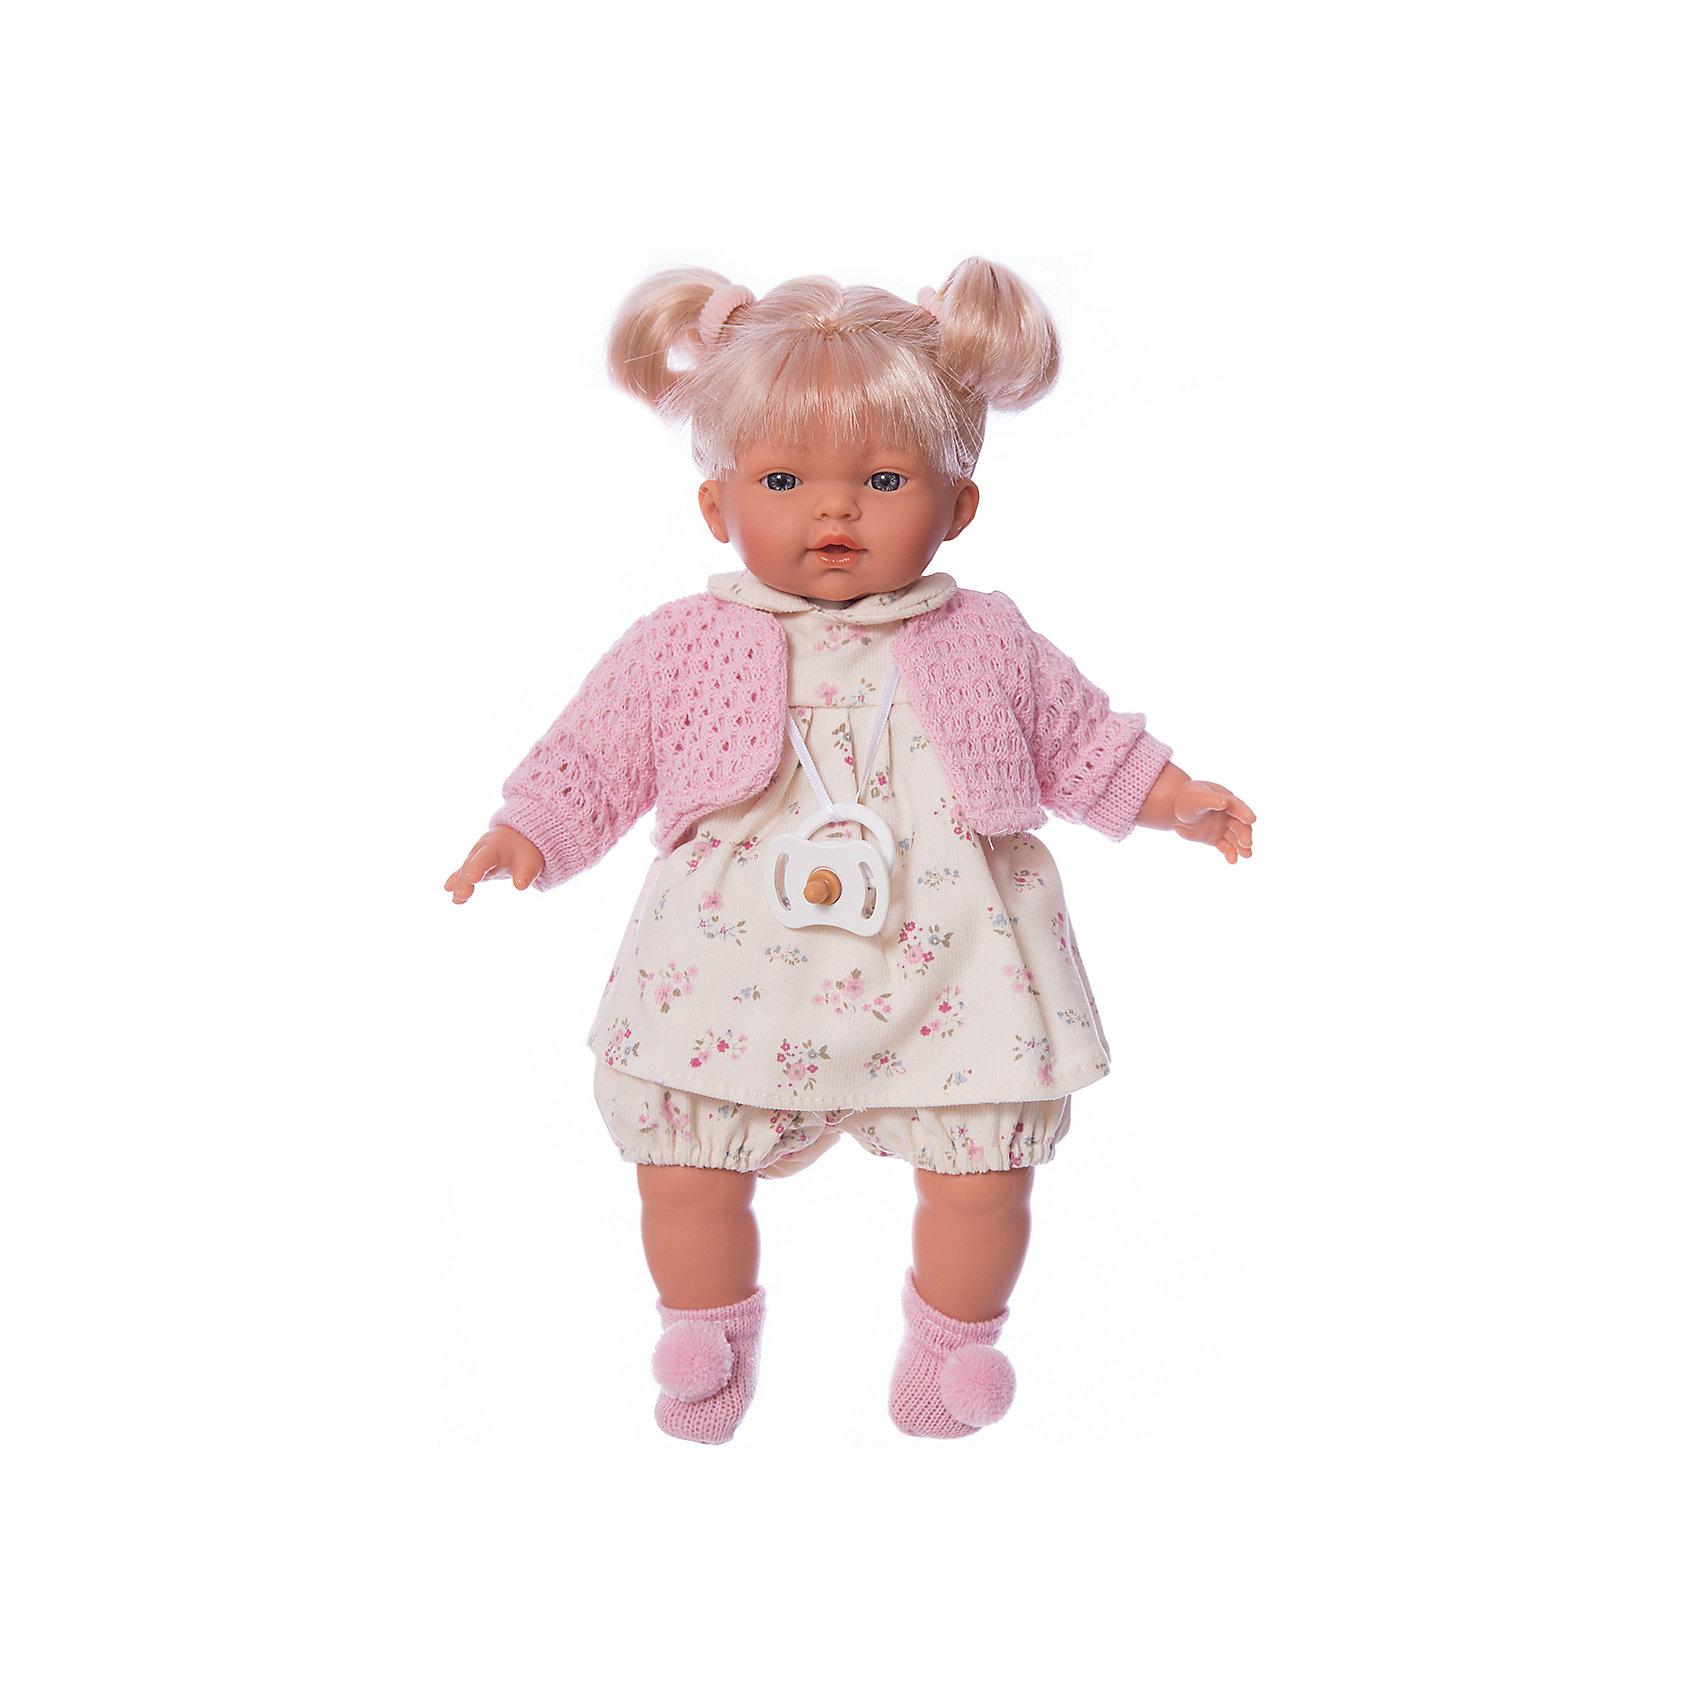 Кукла Ариана, 33 см, LlorensХарактеристики:<br><br>• Предназначение: для сюжетно-ролевых игр<br>• Тип куклы: мягконабивная<br>• Пол куклы: девочка <br>• Цвет волос: блондинка<br>• Материал: поливинилхлорид, пластик, нейлон, текстиль<br>• Цвет: красный, белый, серый, розовый<br>• Высота куклы: 33 см<br>• Комплектация: кукла, платье, кофточка, носочки, пустышка на ленточке<br>• Звуковые эффекты: плачет, произносит мама и папа<br>• Батарейки: з шт. типа AG13/LR44 (предусмотрены в комплекте)<br>• Вес: 660 г<br>• Размеры упаковки (Д*В*Ш): 20*37*10 см<br>• Упаковка: подарочная картонная коробка <br>• Особенности ухода: допускается деликатная стирка без использования красящих и отбеливающих средств предметов одежды куклы<br><br>Кукла Ариана 33 см – кукла, производителем которого является всемирно известный испанский кукольный бренд Llorens. Куклы этой торговой марки имеют свою неповторимую внешность и целую линейку образов как пупсов, так и кукол-малышей. Игрушки выполнены из сочетания поливинилхлорида и пластика, что позволяет с высокой долей достоверности воссоздать физиологические и мимические особенности маленьких детей. При изготовлении кукол Llorens используются только сертифицированные материалы, безопасные и не вызывающие аллергических реакций. Волосы у кукол отличаются густотой, шелковистостью и блеском, при расчесывании они не выпадают и не ломаются.<br>Кукла Ариана 33 см выполнена в образе малышки: голубые глаза и задорные короткие хвостики делают образ куклы необычайно очаровательным. В комплект одежды Арианы входит легкое платьице в цветочек с отложным воротничком, короткие панталончики, теплая кофточка и носочки с помпончиками. Ариана умеет плакать, а также говорить мама и папа. Чтобы малышка не плакала, у нее имеется соска на атласной ленточке. <br>Кукла Ариана 33 см – это идеальный вариант для подарка к различным праздникам и торжествам.<br><br>Куклу Ариану 33 см можно купить в нашем интернет-магазине.<br><br>Ширина мм: 20<br>Глубина мм: 37<br>Высота мм: 10